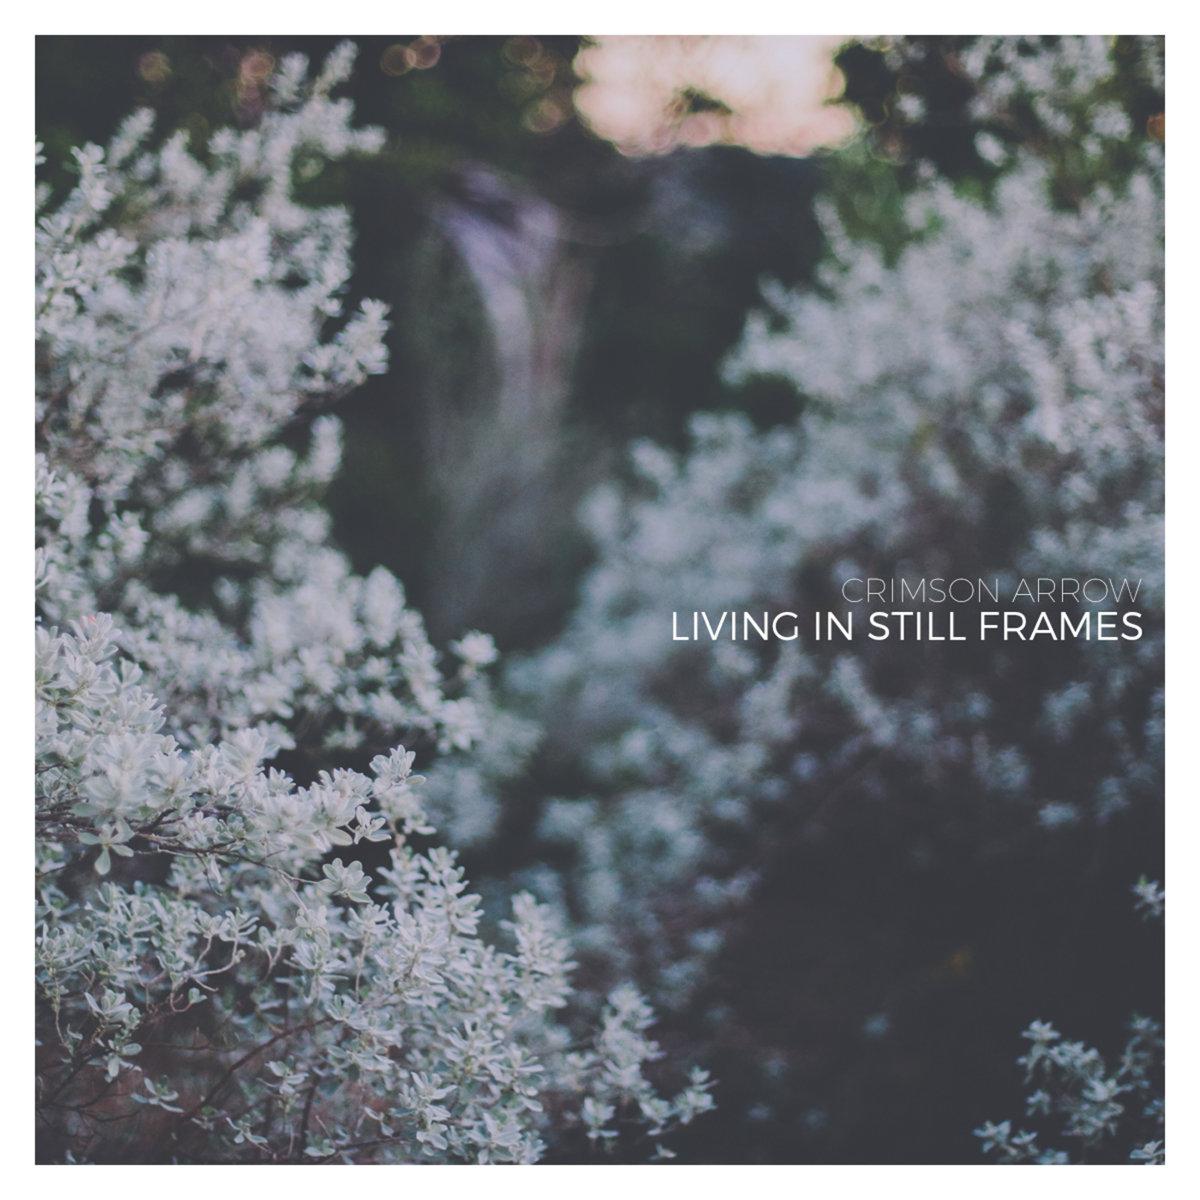 Living In Still Frames. By Crimson Arrow